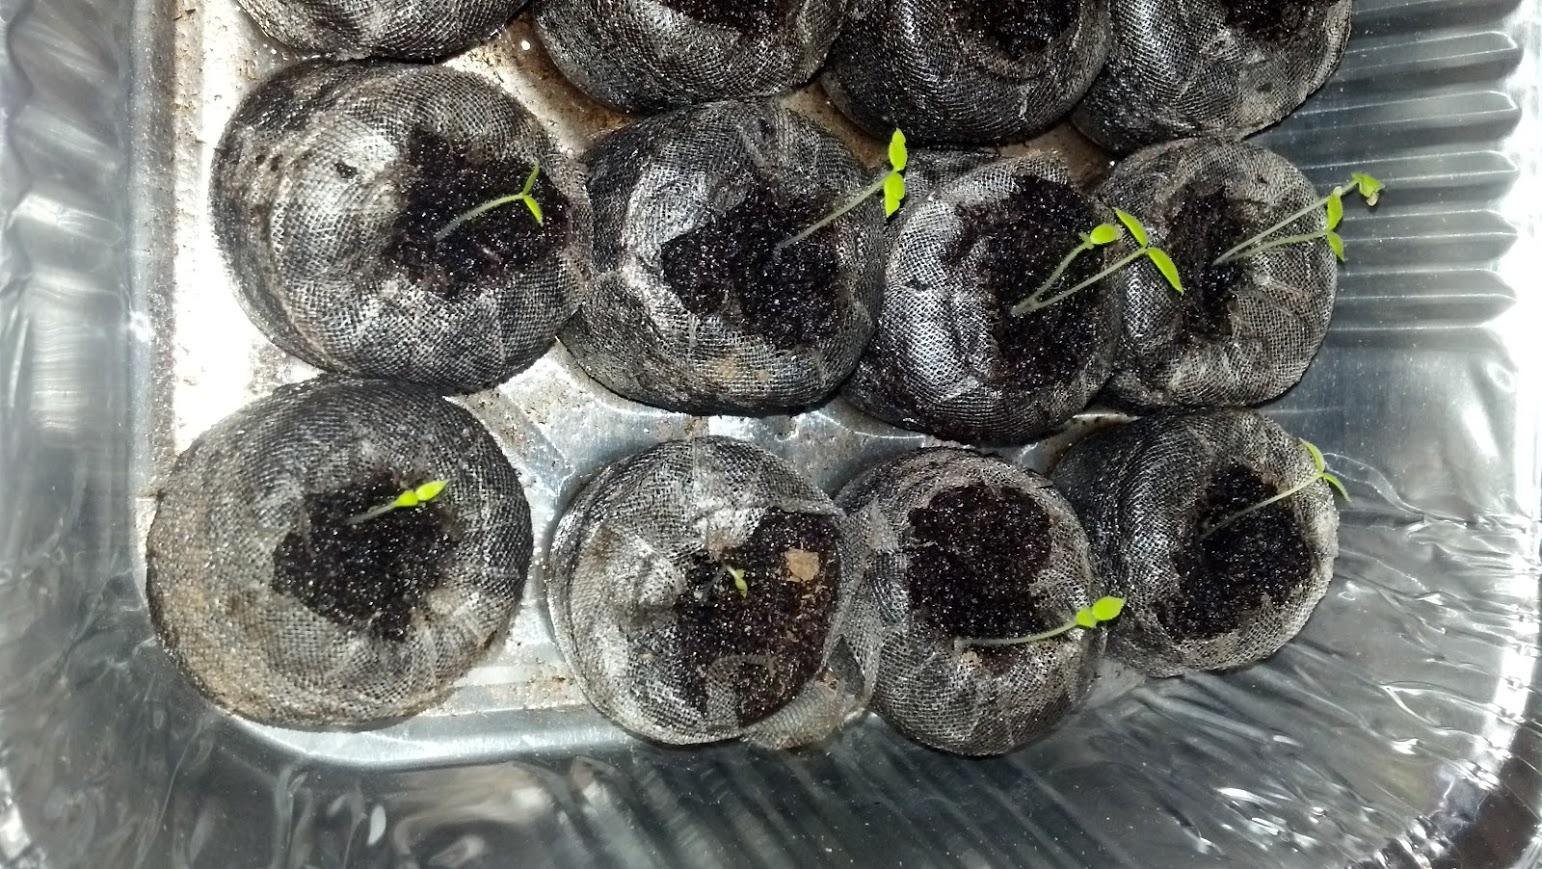 Baby Garden Huckleberry